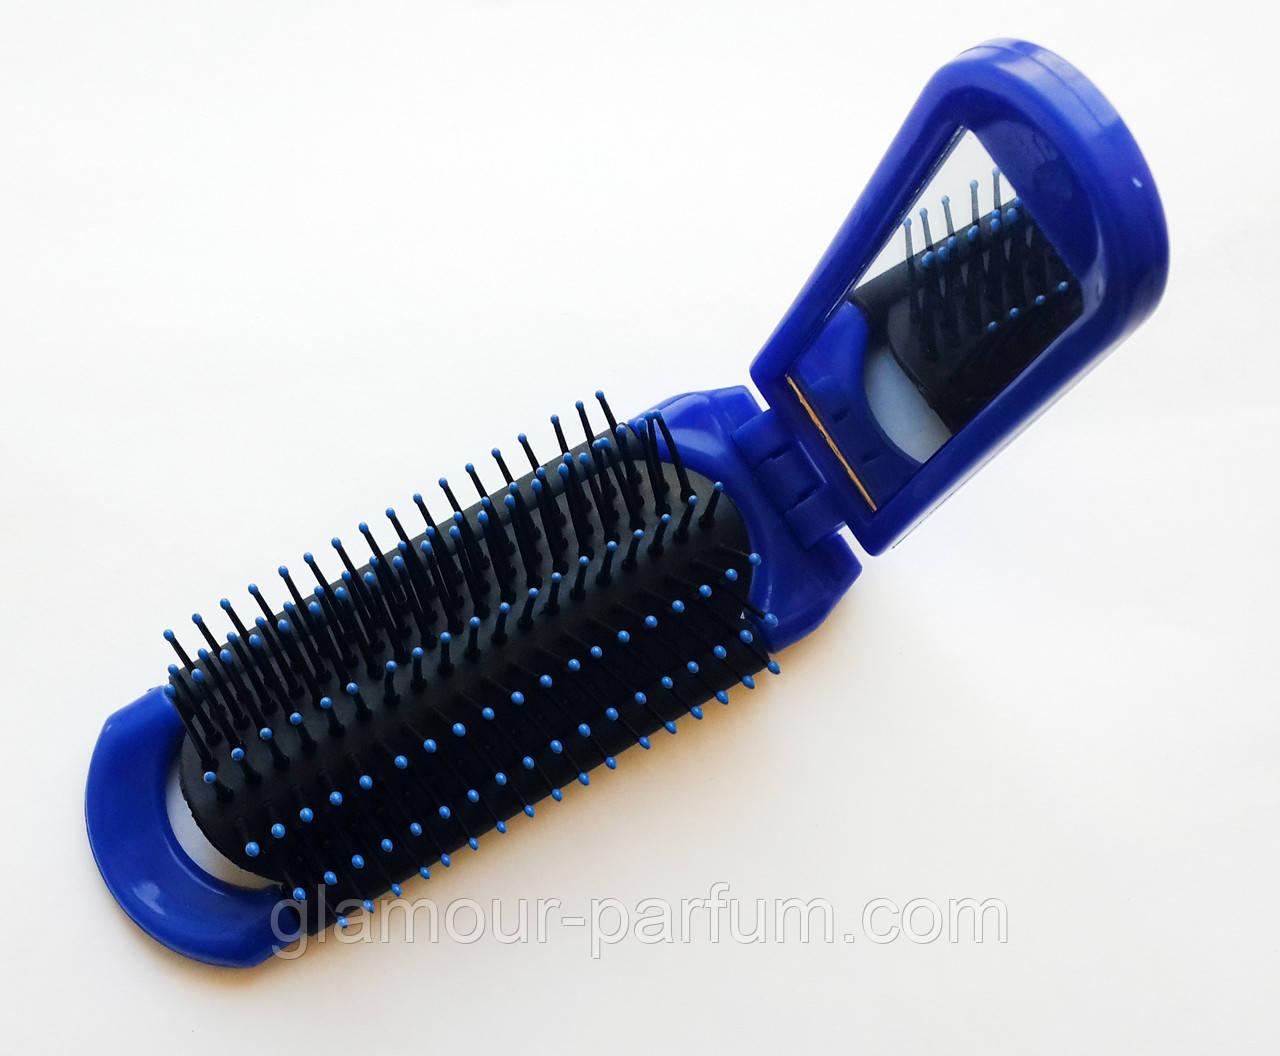 Компактная расческа для волос Christian (Кристиан)